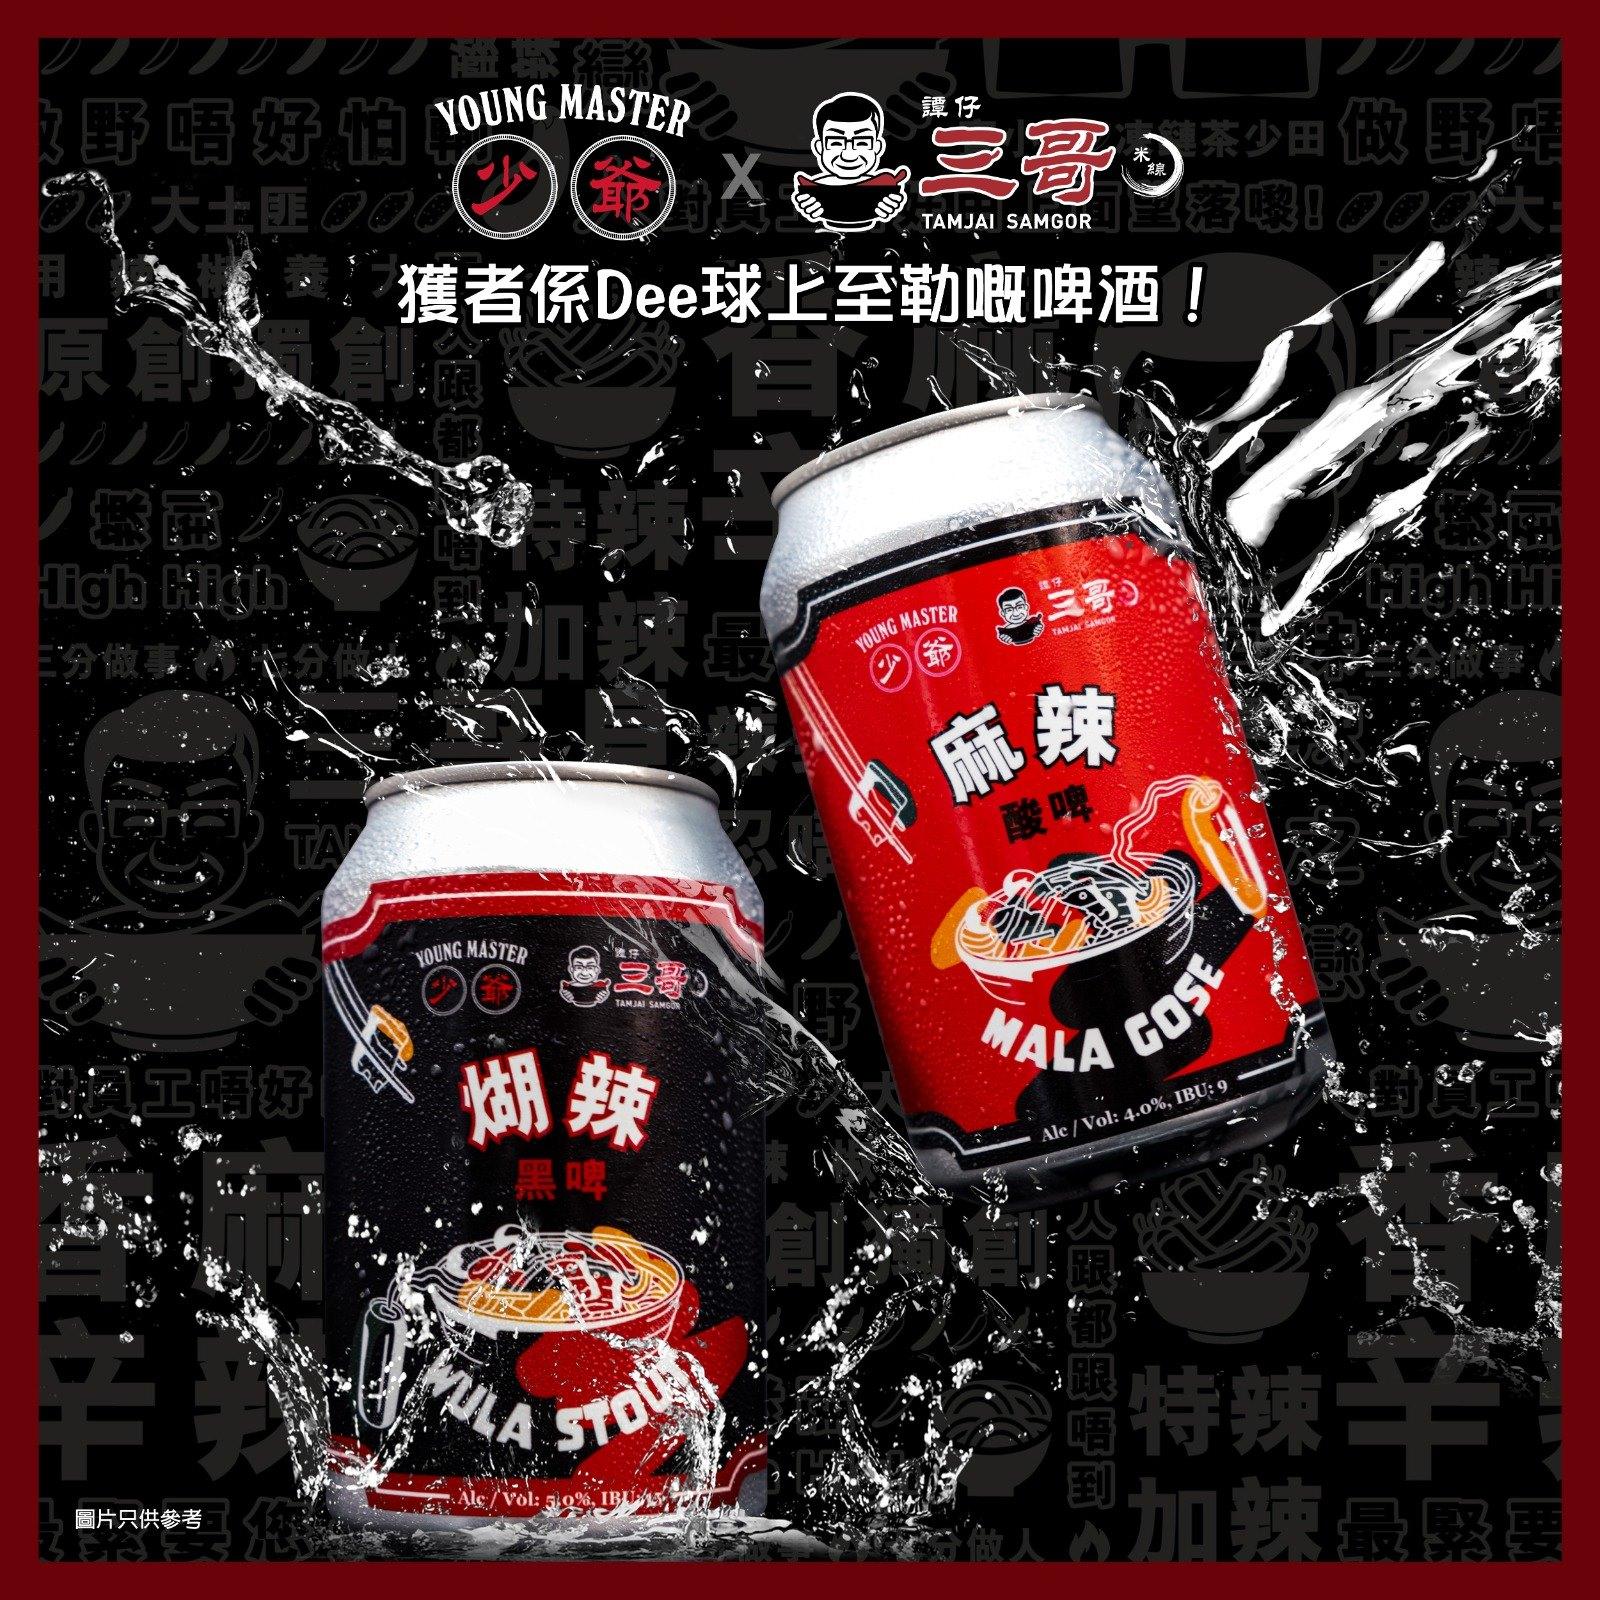 【香港製造】譚仔三哥推出辣味啤酒 網友讚味道出奇地夾